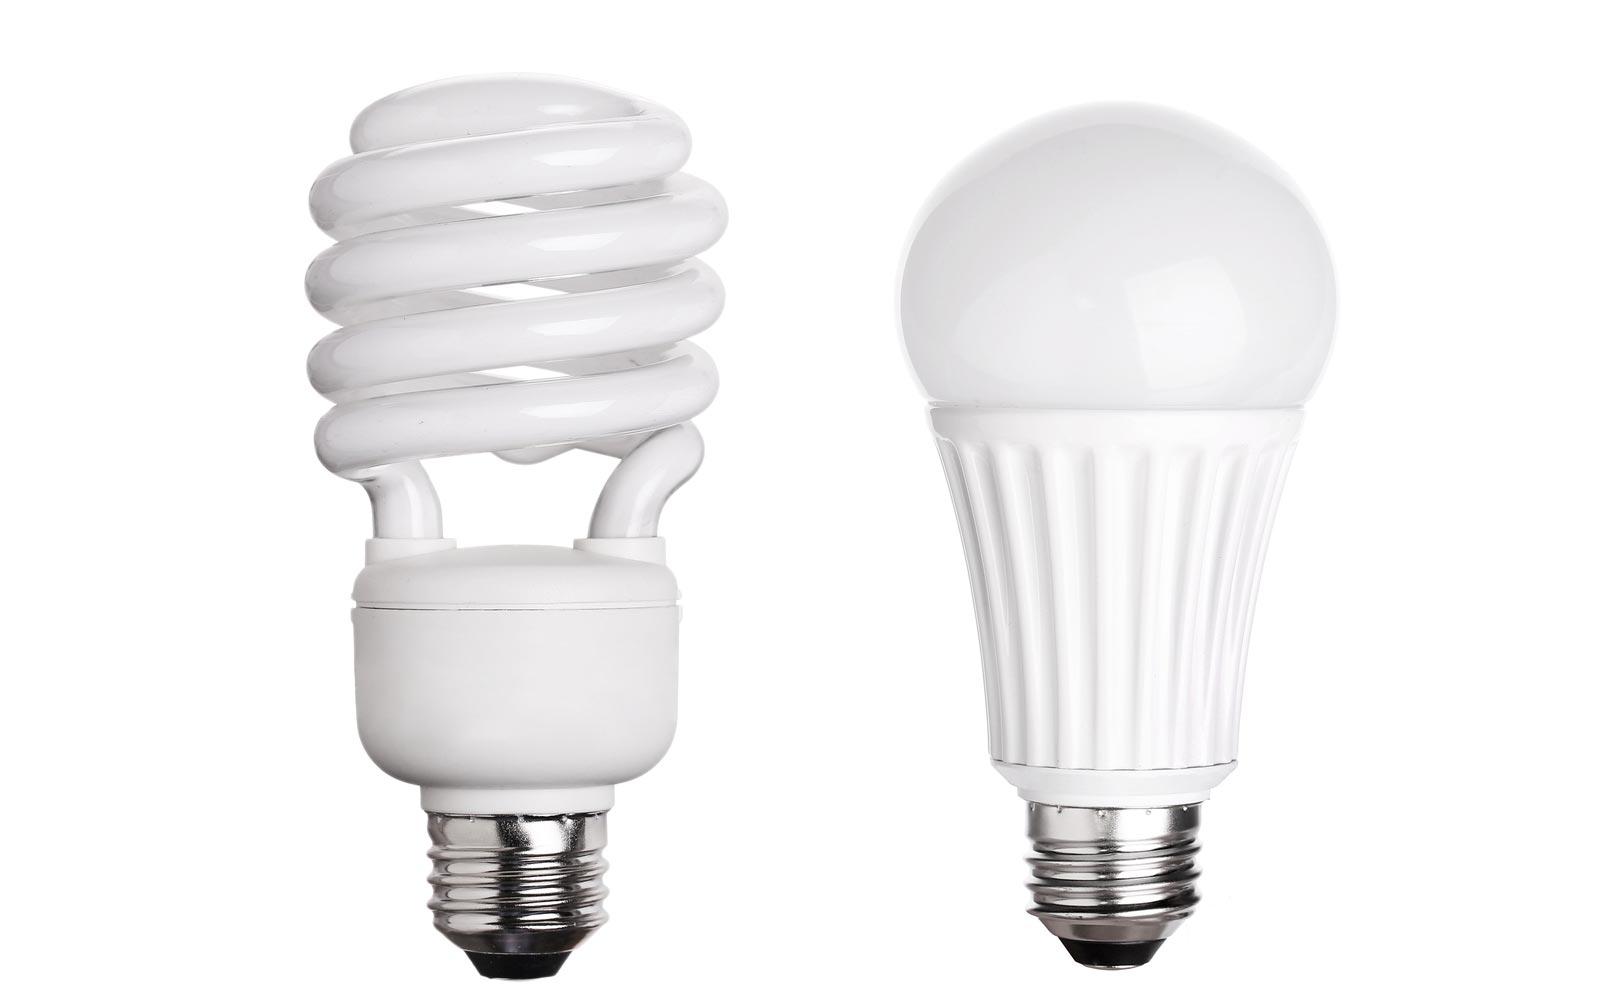 2021年中国LED照明行业龙头企业分析